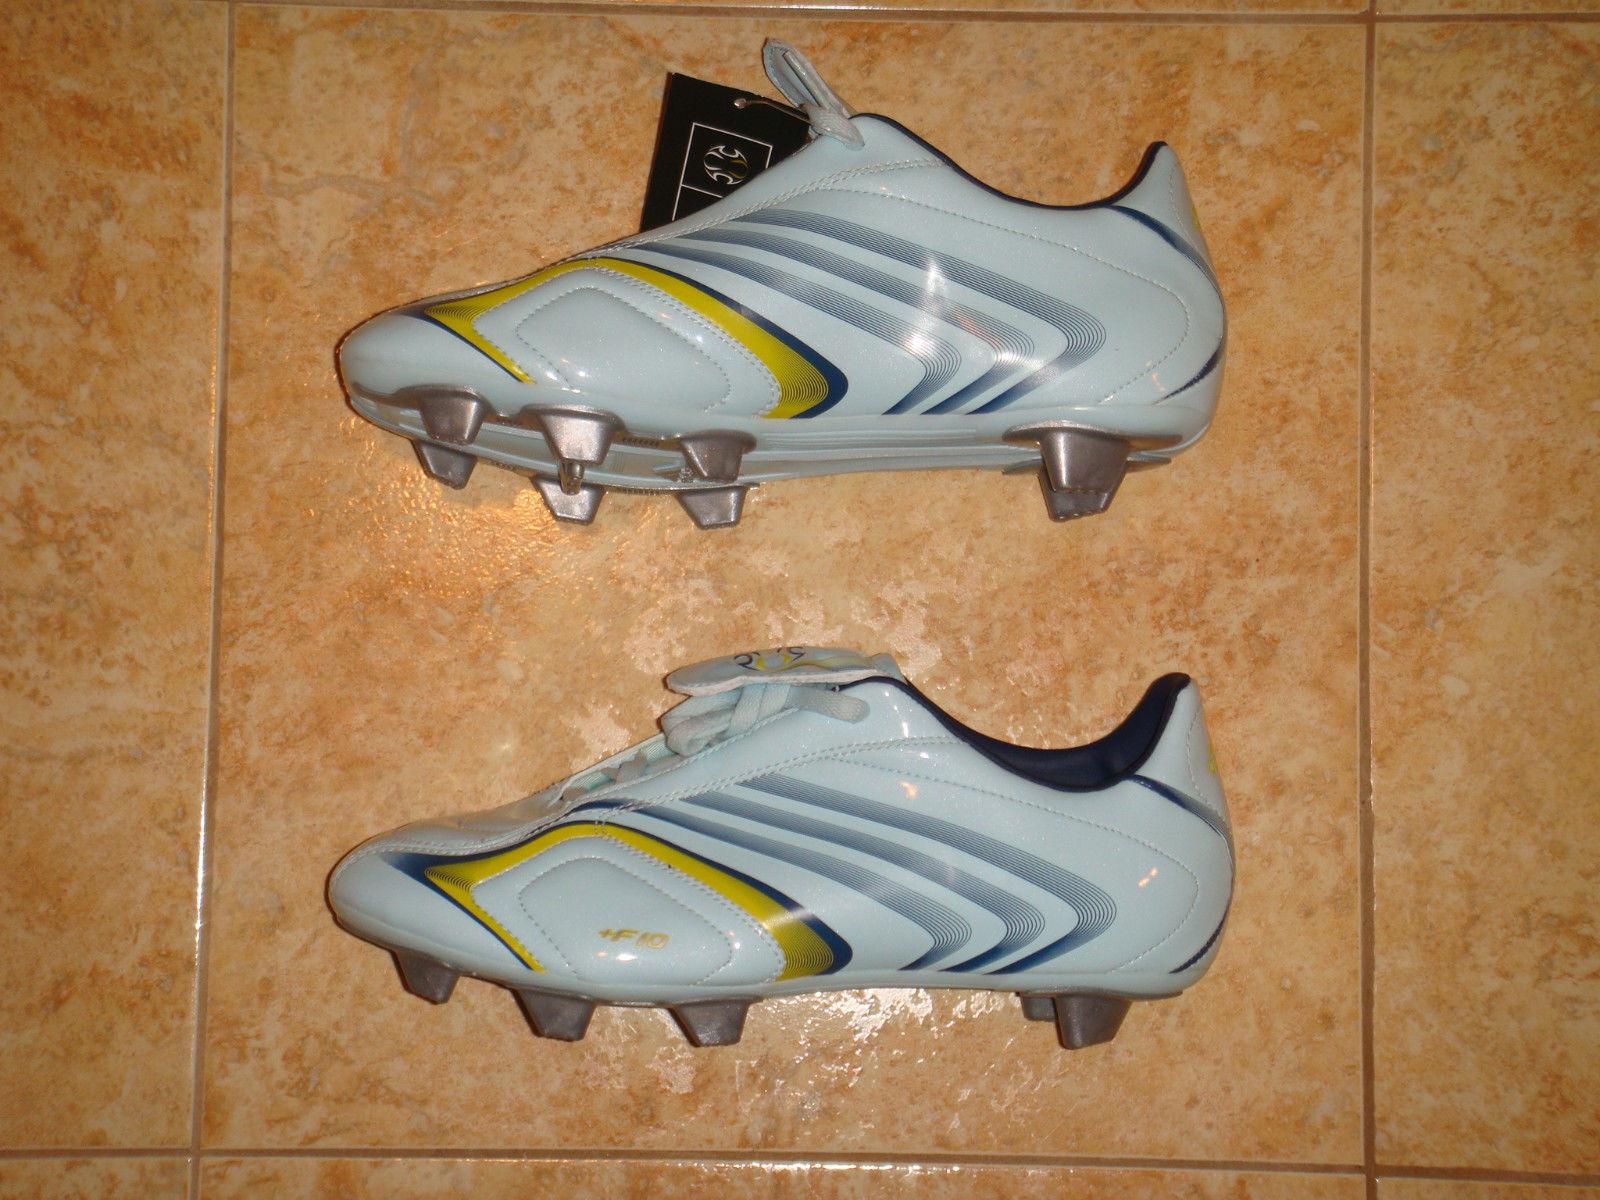 botas De Fútbol Adidas F10.6 F 10 Fútbol Zapatos terreno blando Junior Nuevo Reino Unido 5